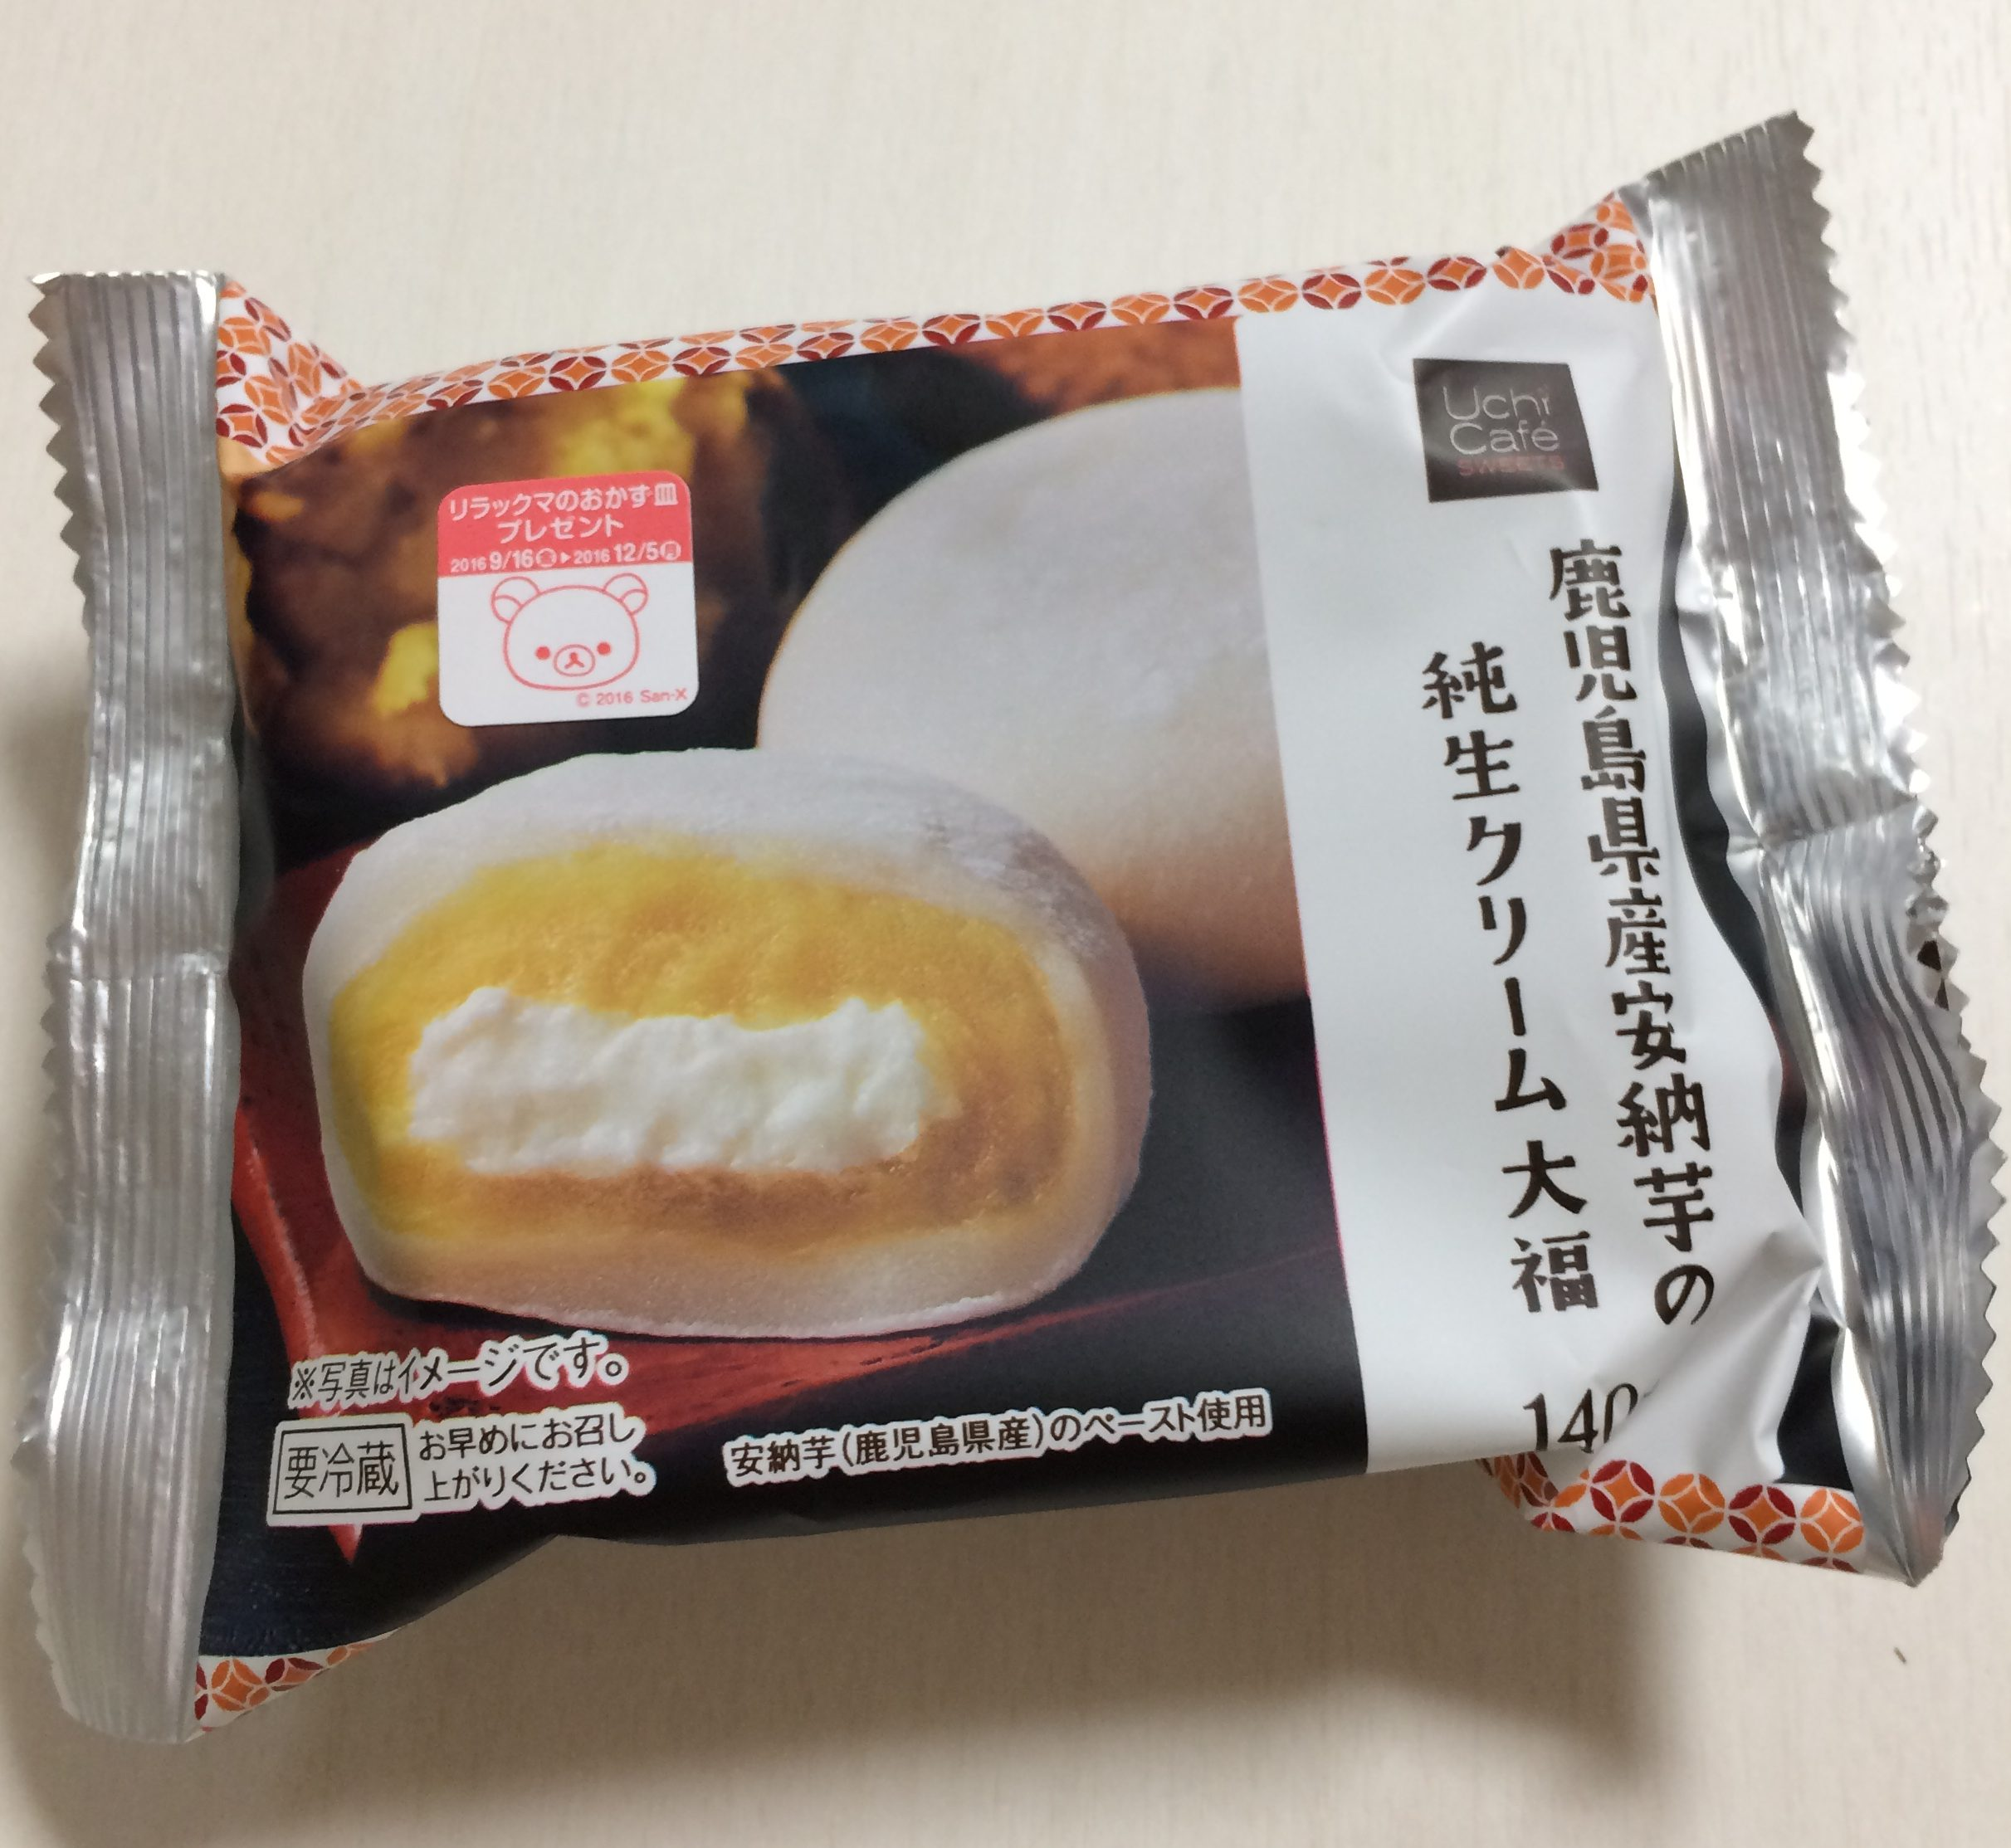 【ローソン】鹿児島県産安納芋の純生クリーム大福 食べた感想